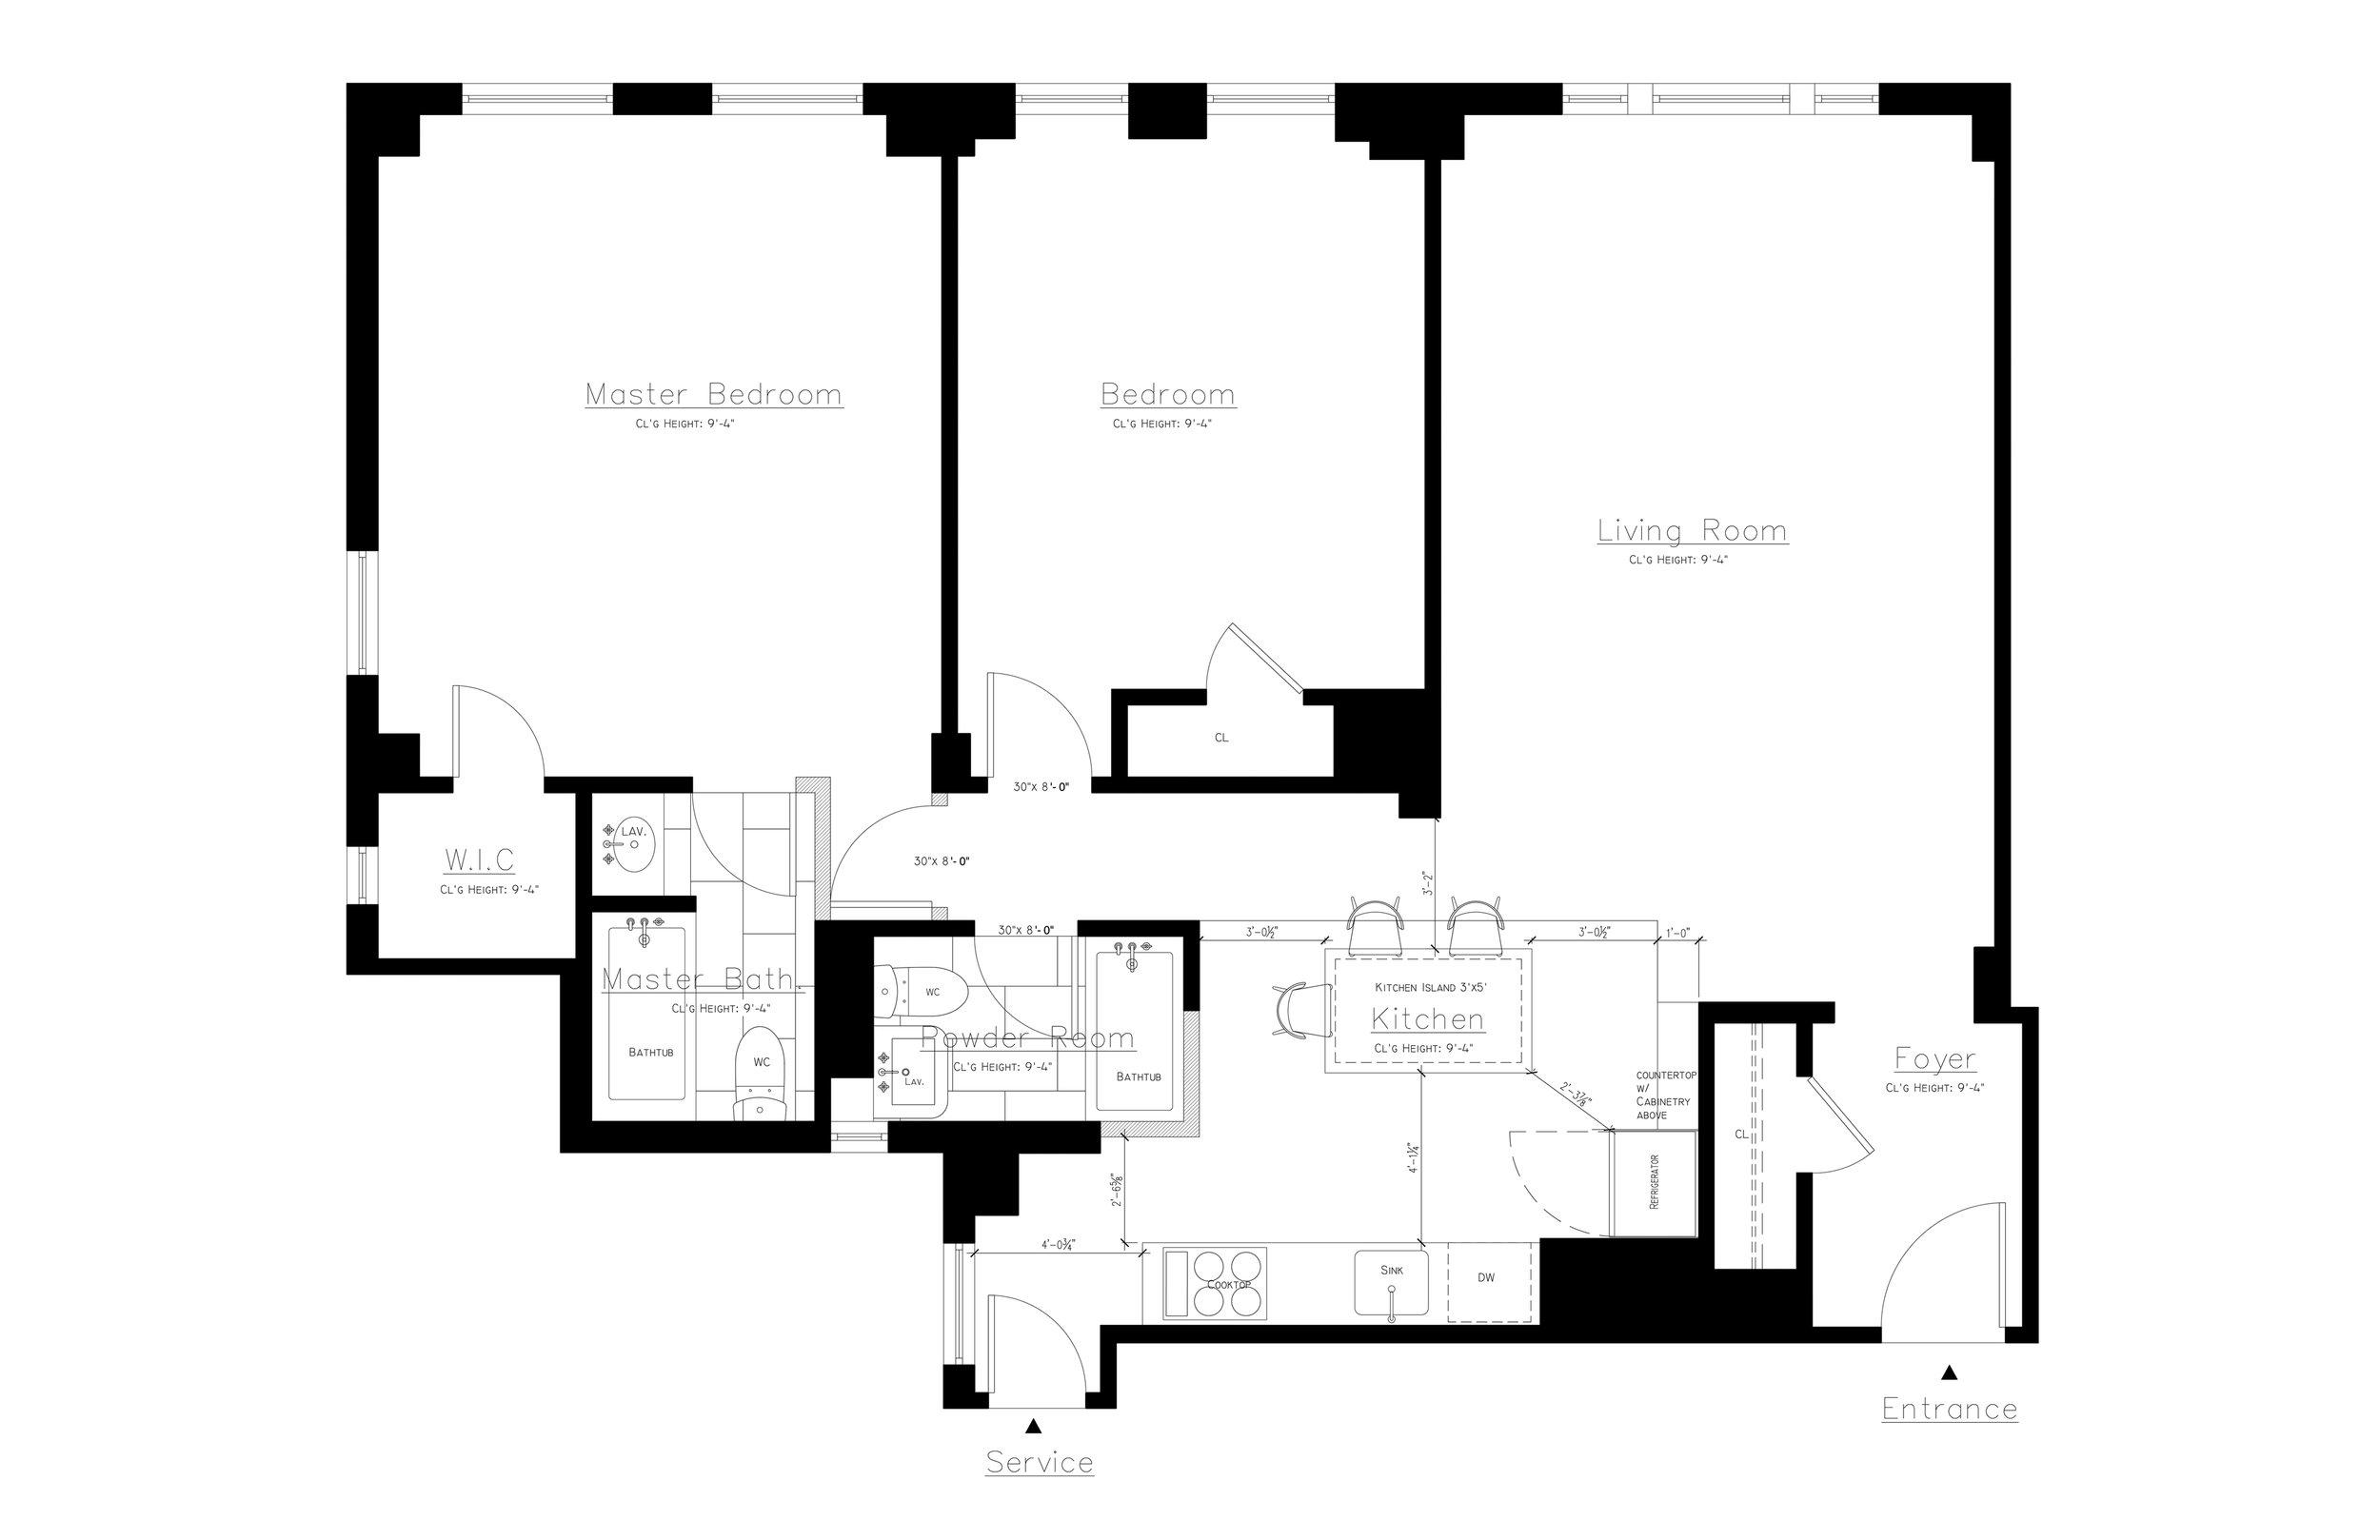 INTERIOR ARCHITECTURE:  KITCHEN DESIGN & BATHROOM DESIGN